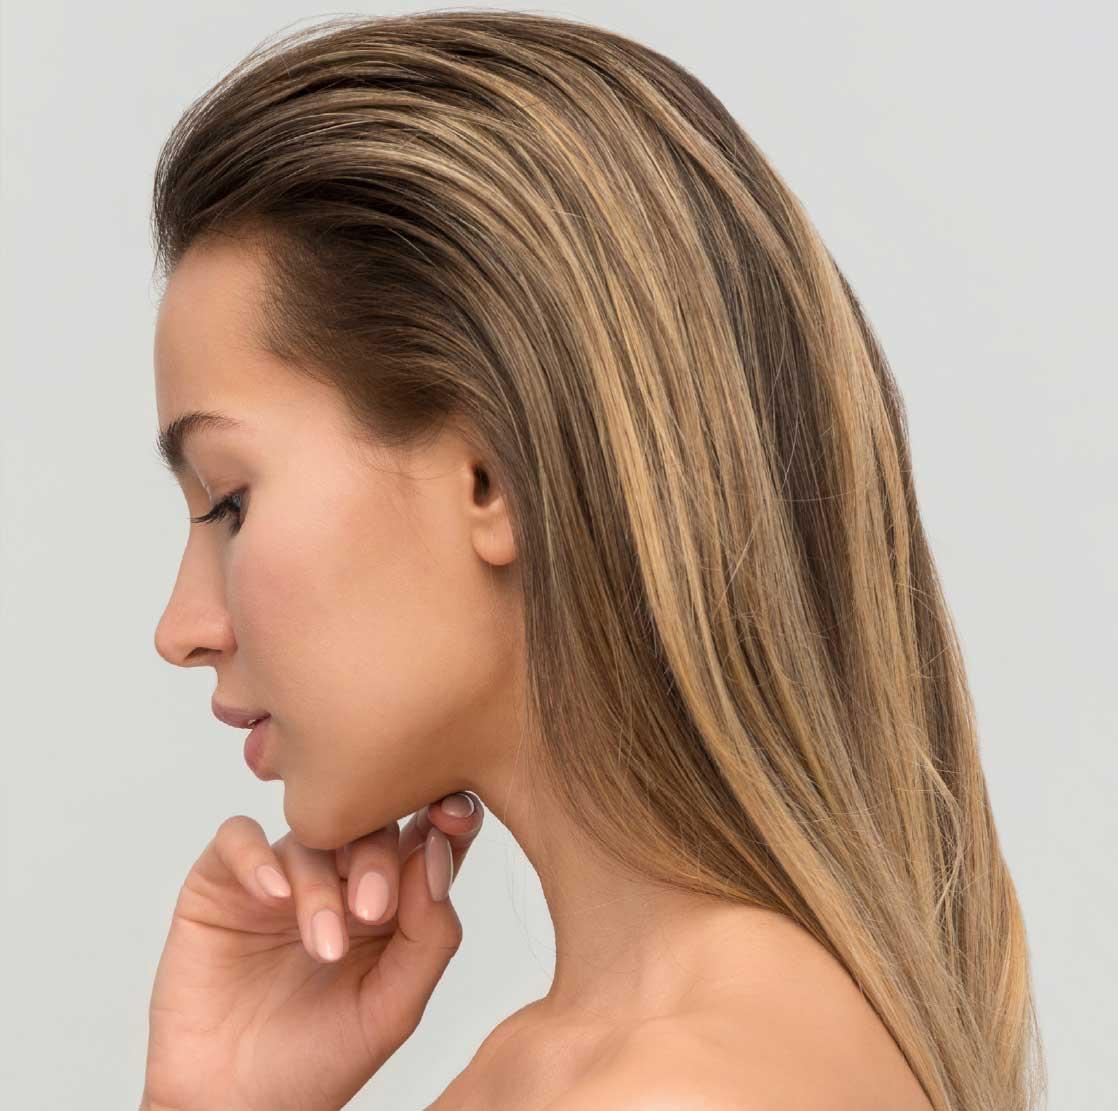 Kosta profesionalni tretman za šatiranu kosu